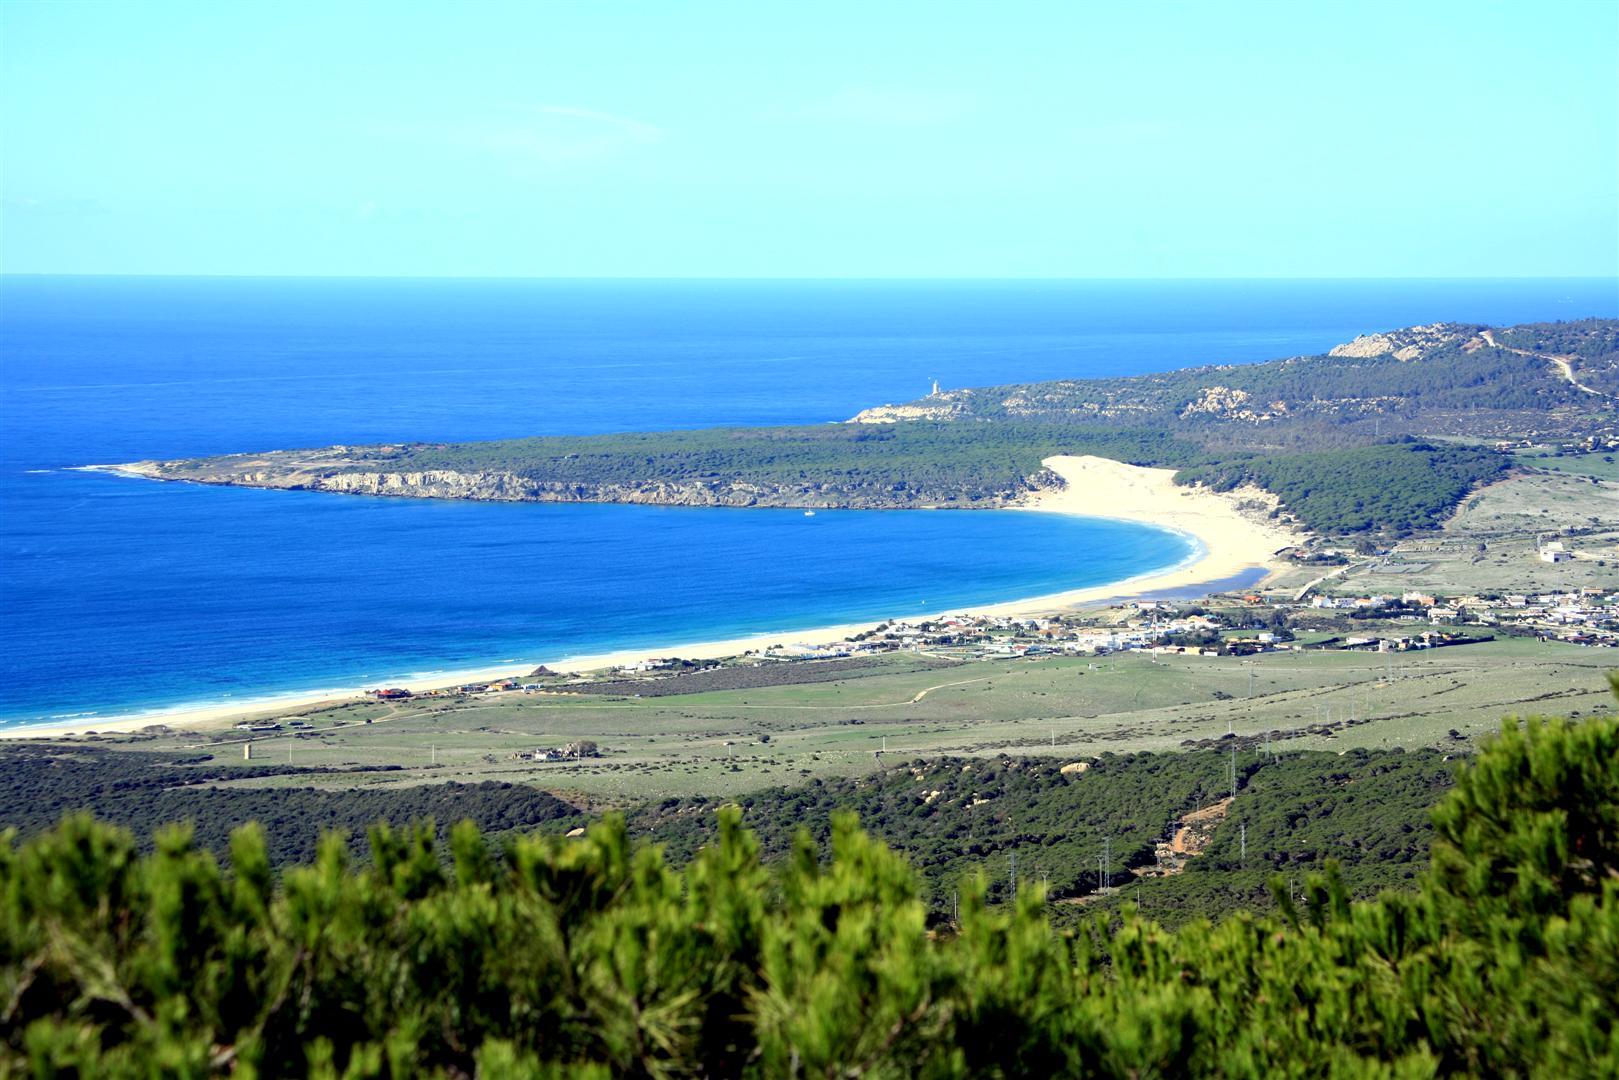 Playa Los Caletones